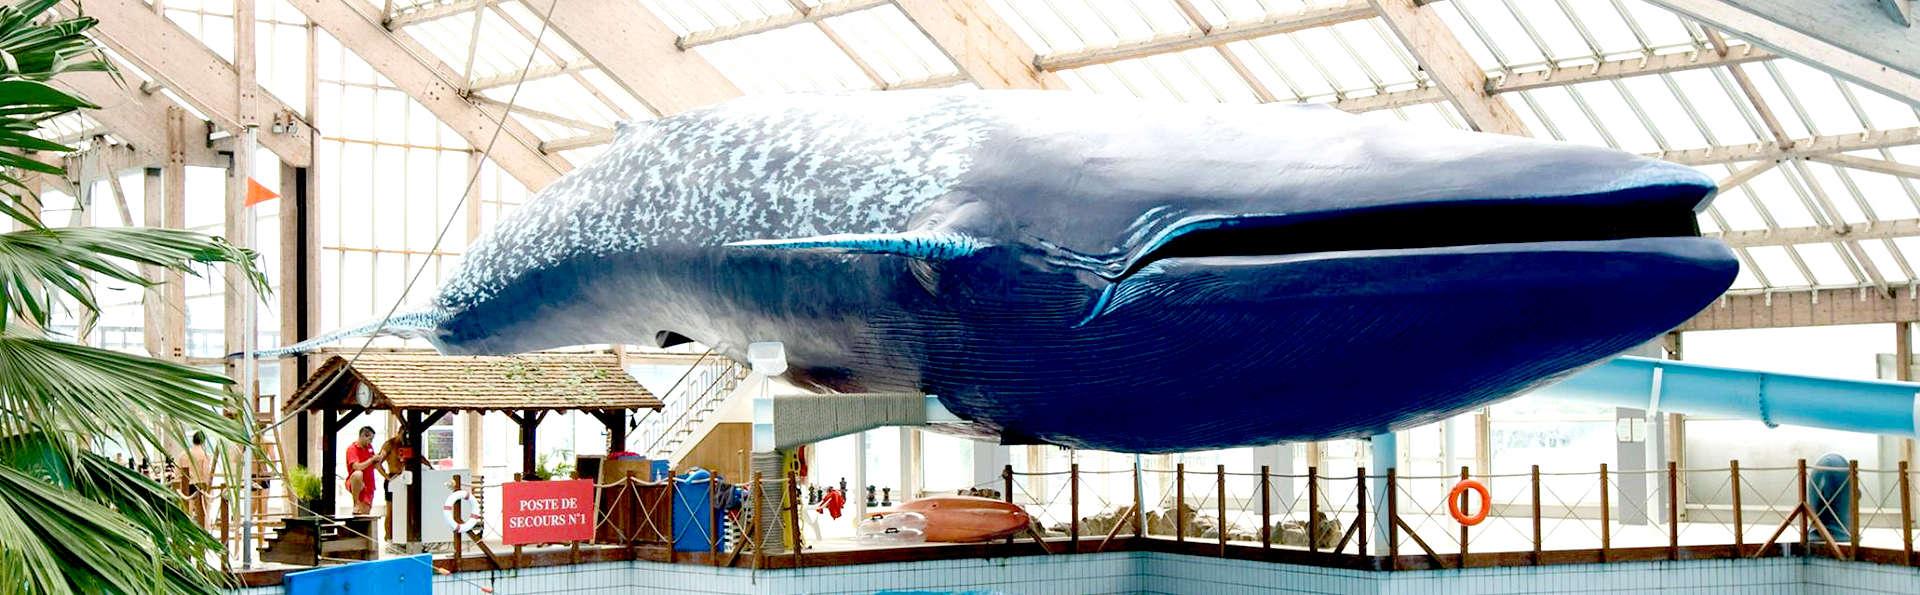 Week-end à Paris avec entrée au Parc Aquatique Aquaboulevard